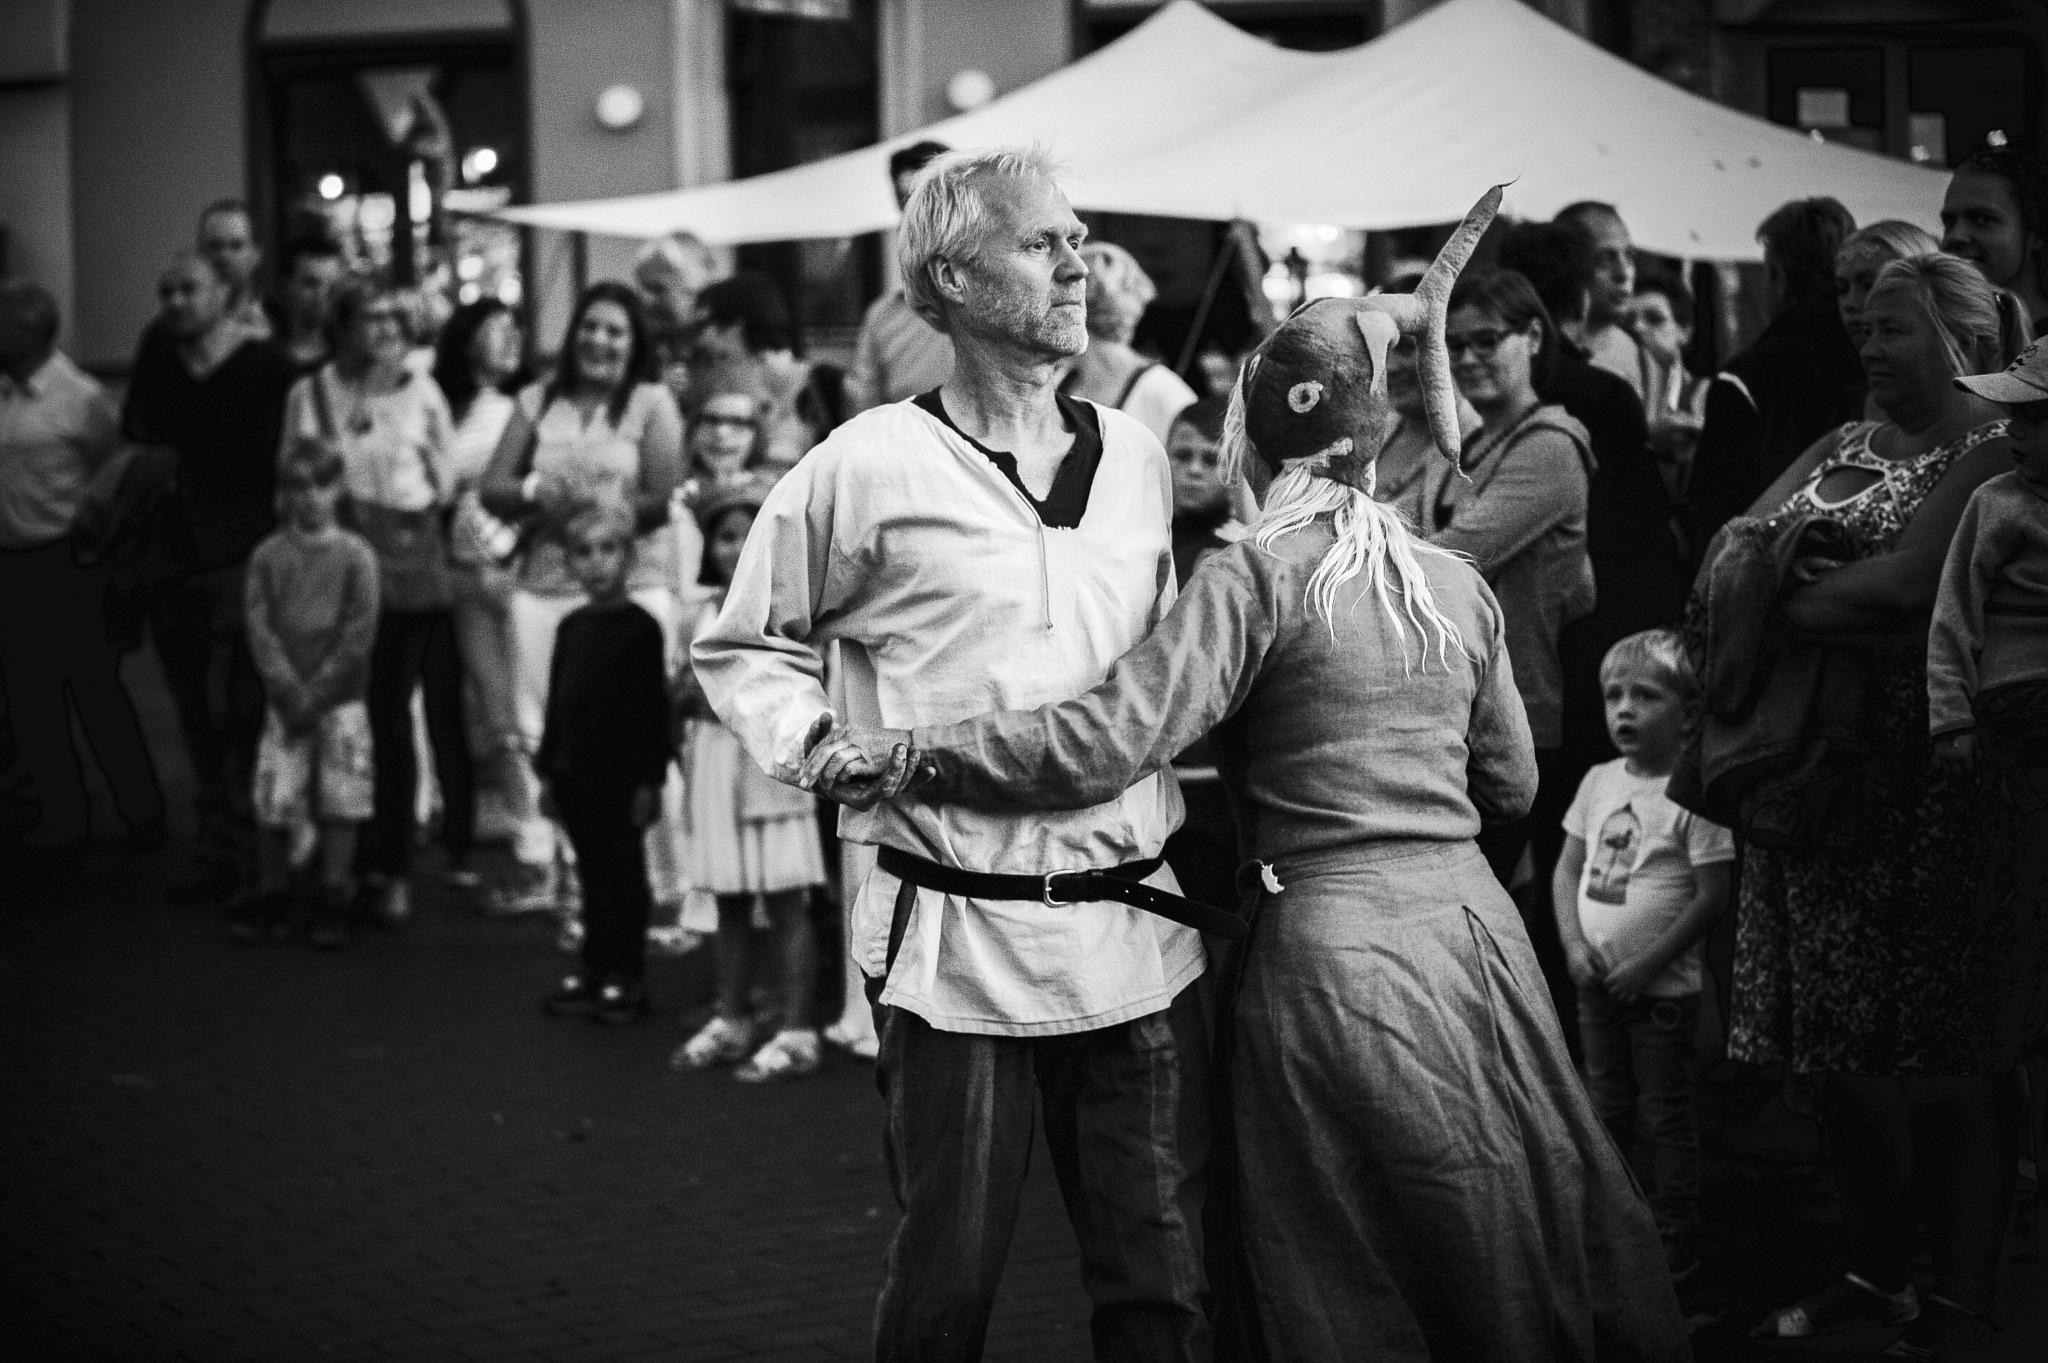 dance till we drop by Steve Guessoum